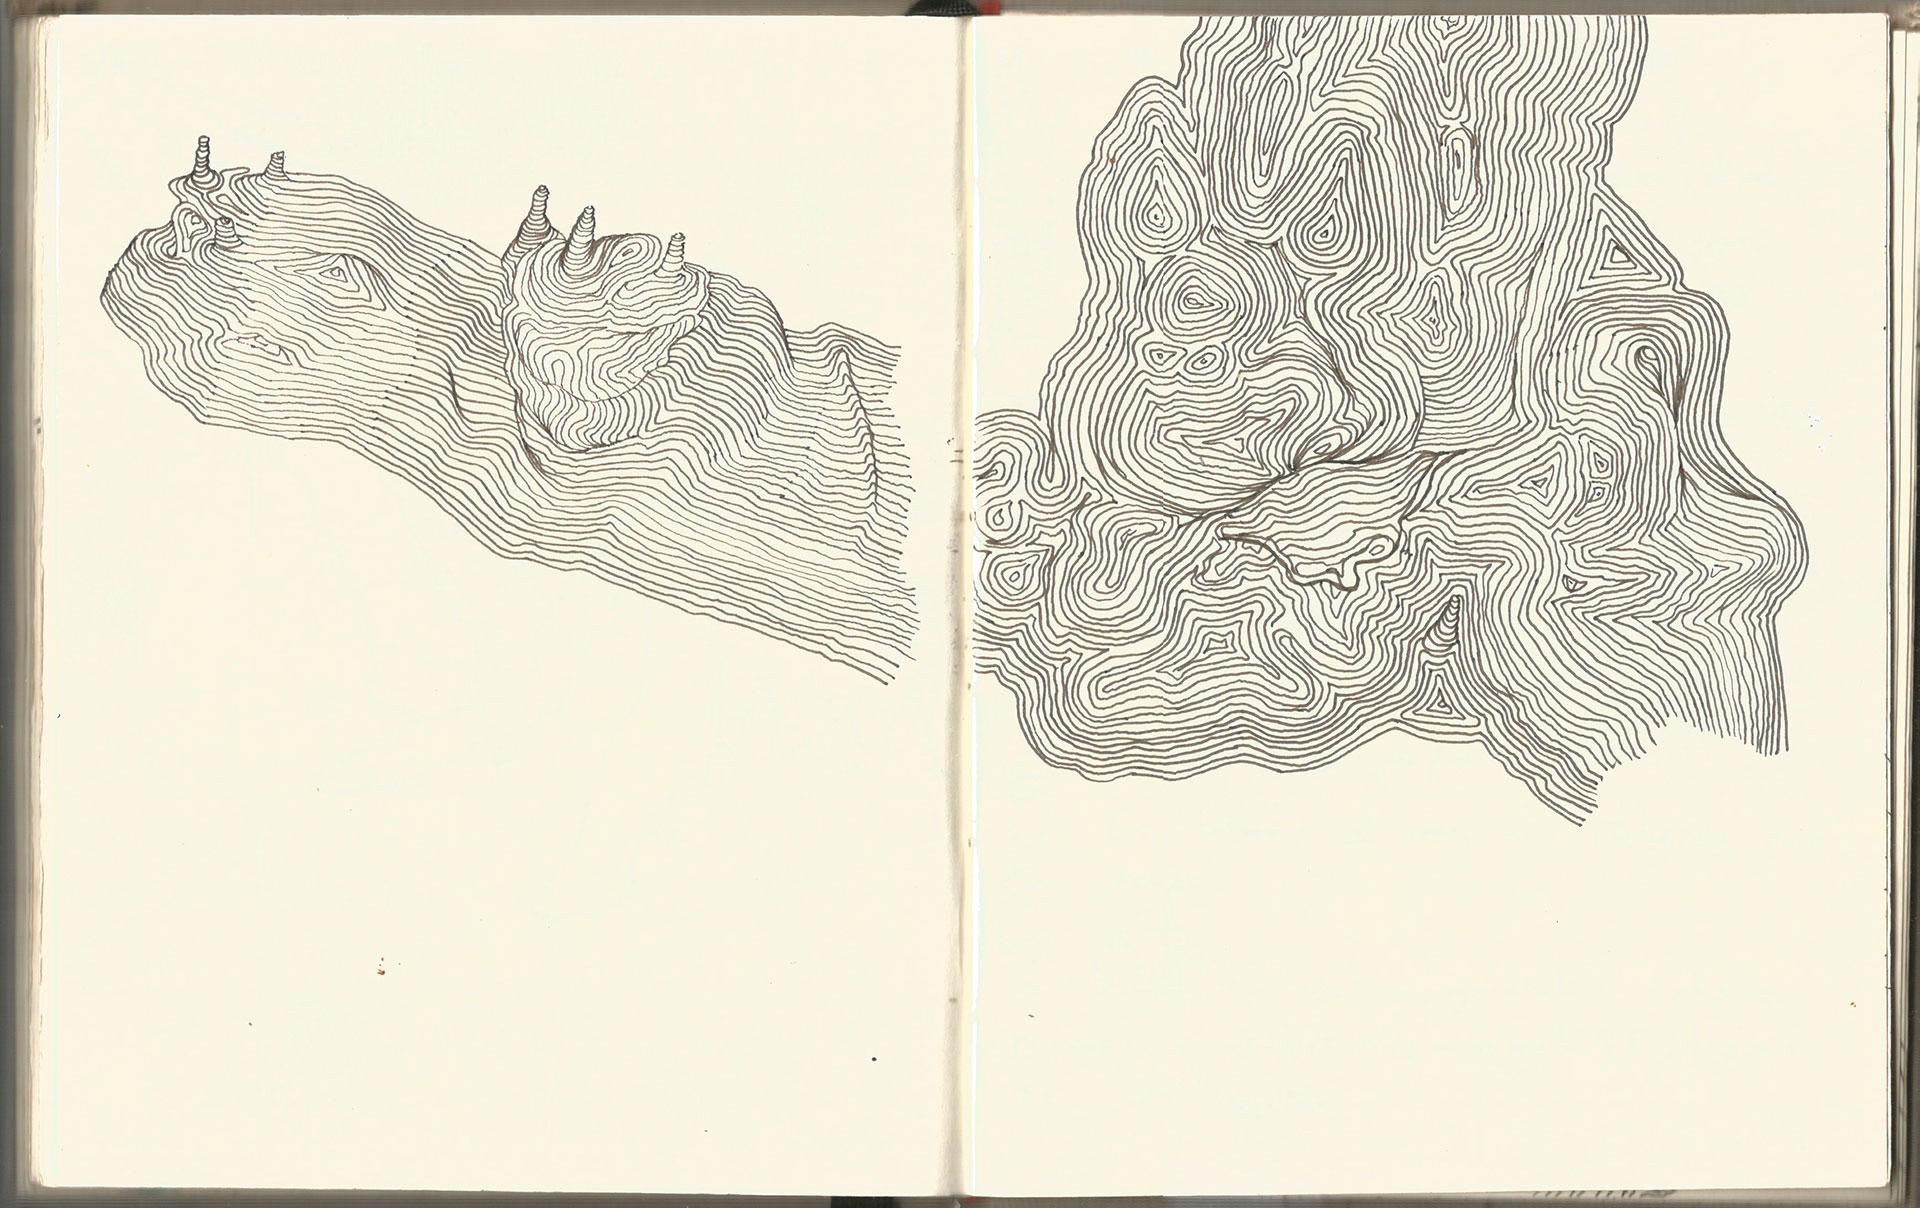 Sketchbook. Drawings of a tree trunk. 2015